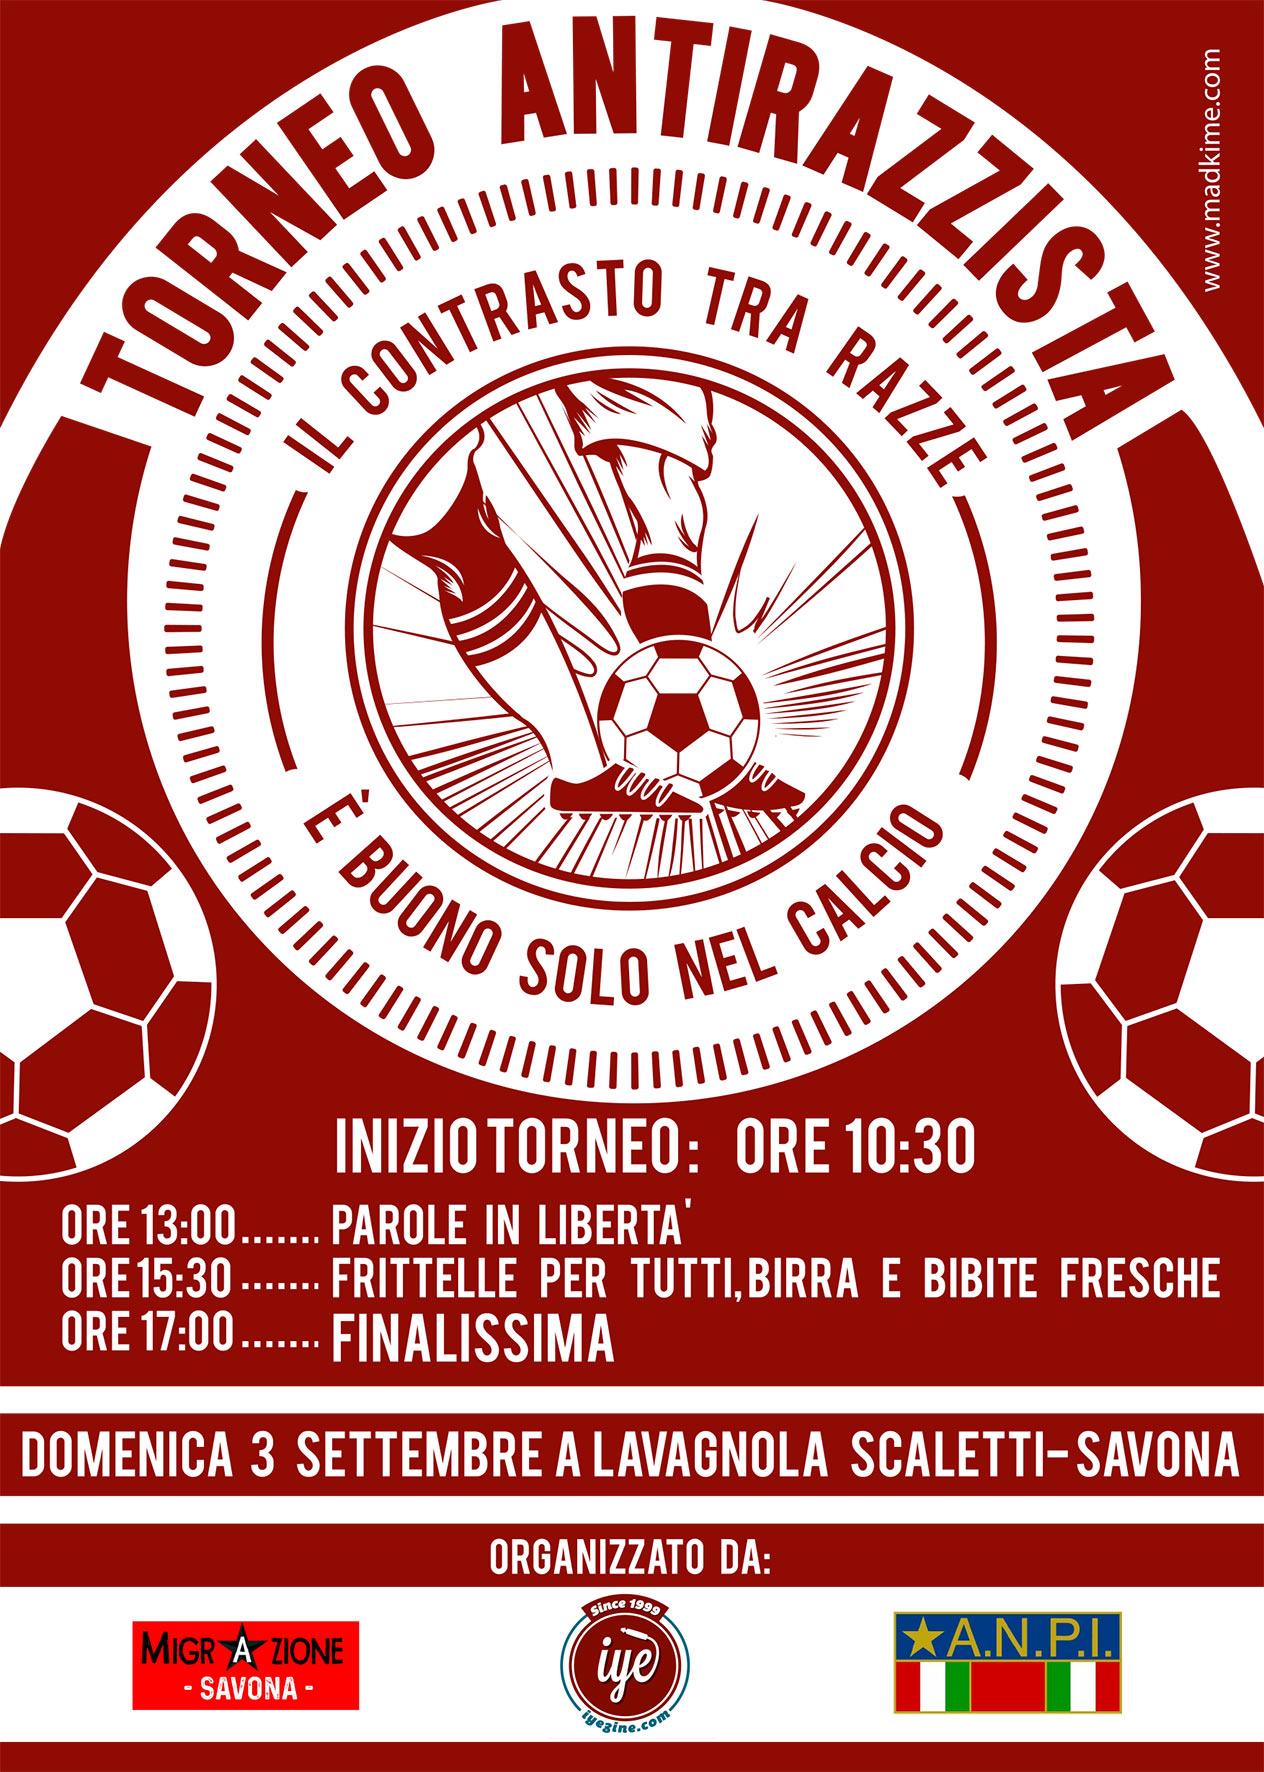 TORNEO DI CALCIO ANTIRAZZISTA SAVONESE 2017 4 - fanzine